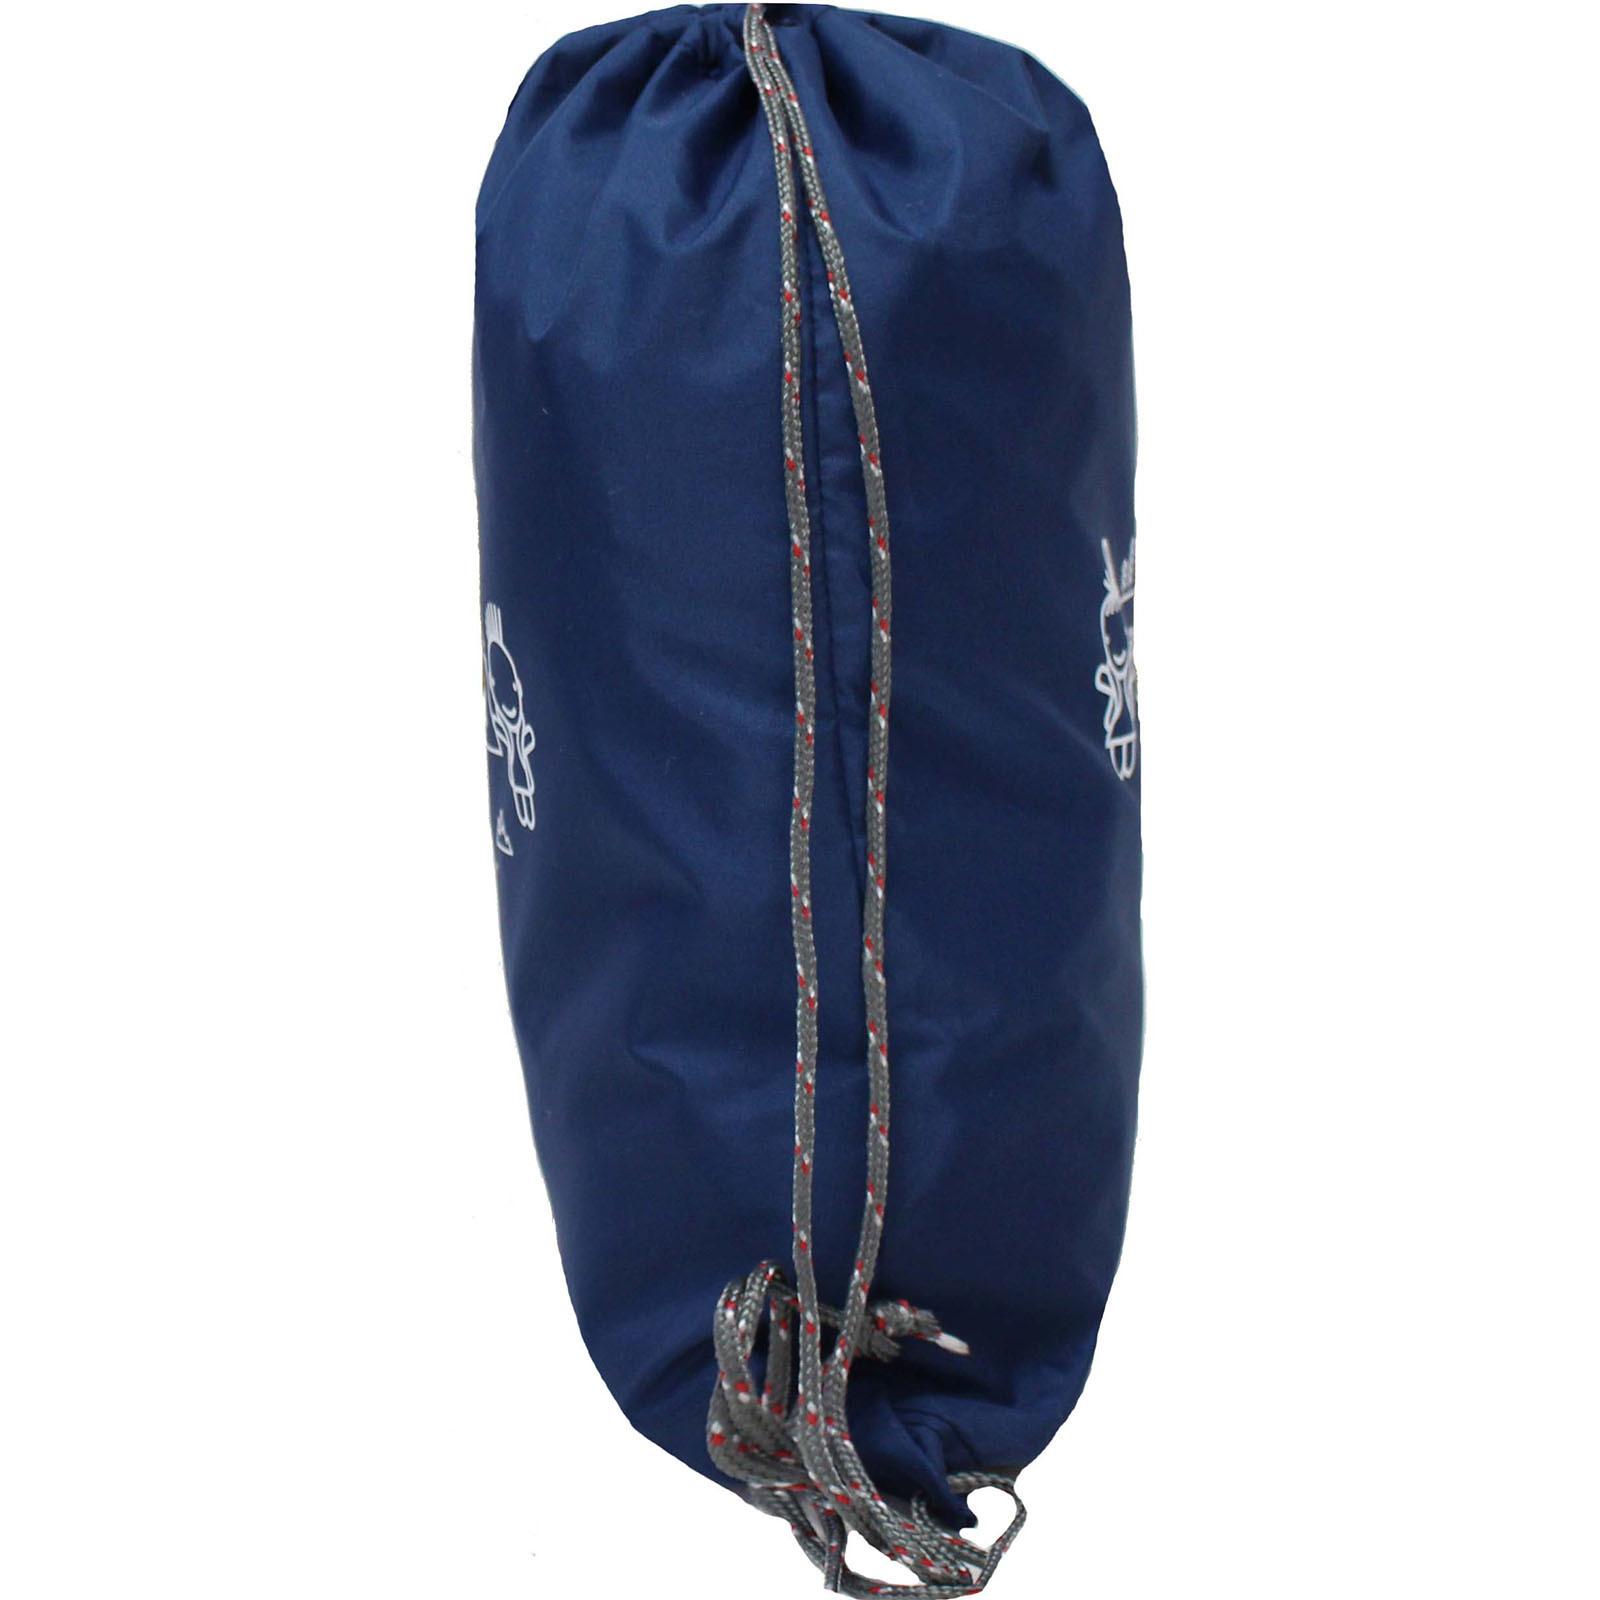 Рюкзак Bagland Котомка 8 л. Синий (00566152)